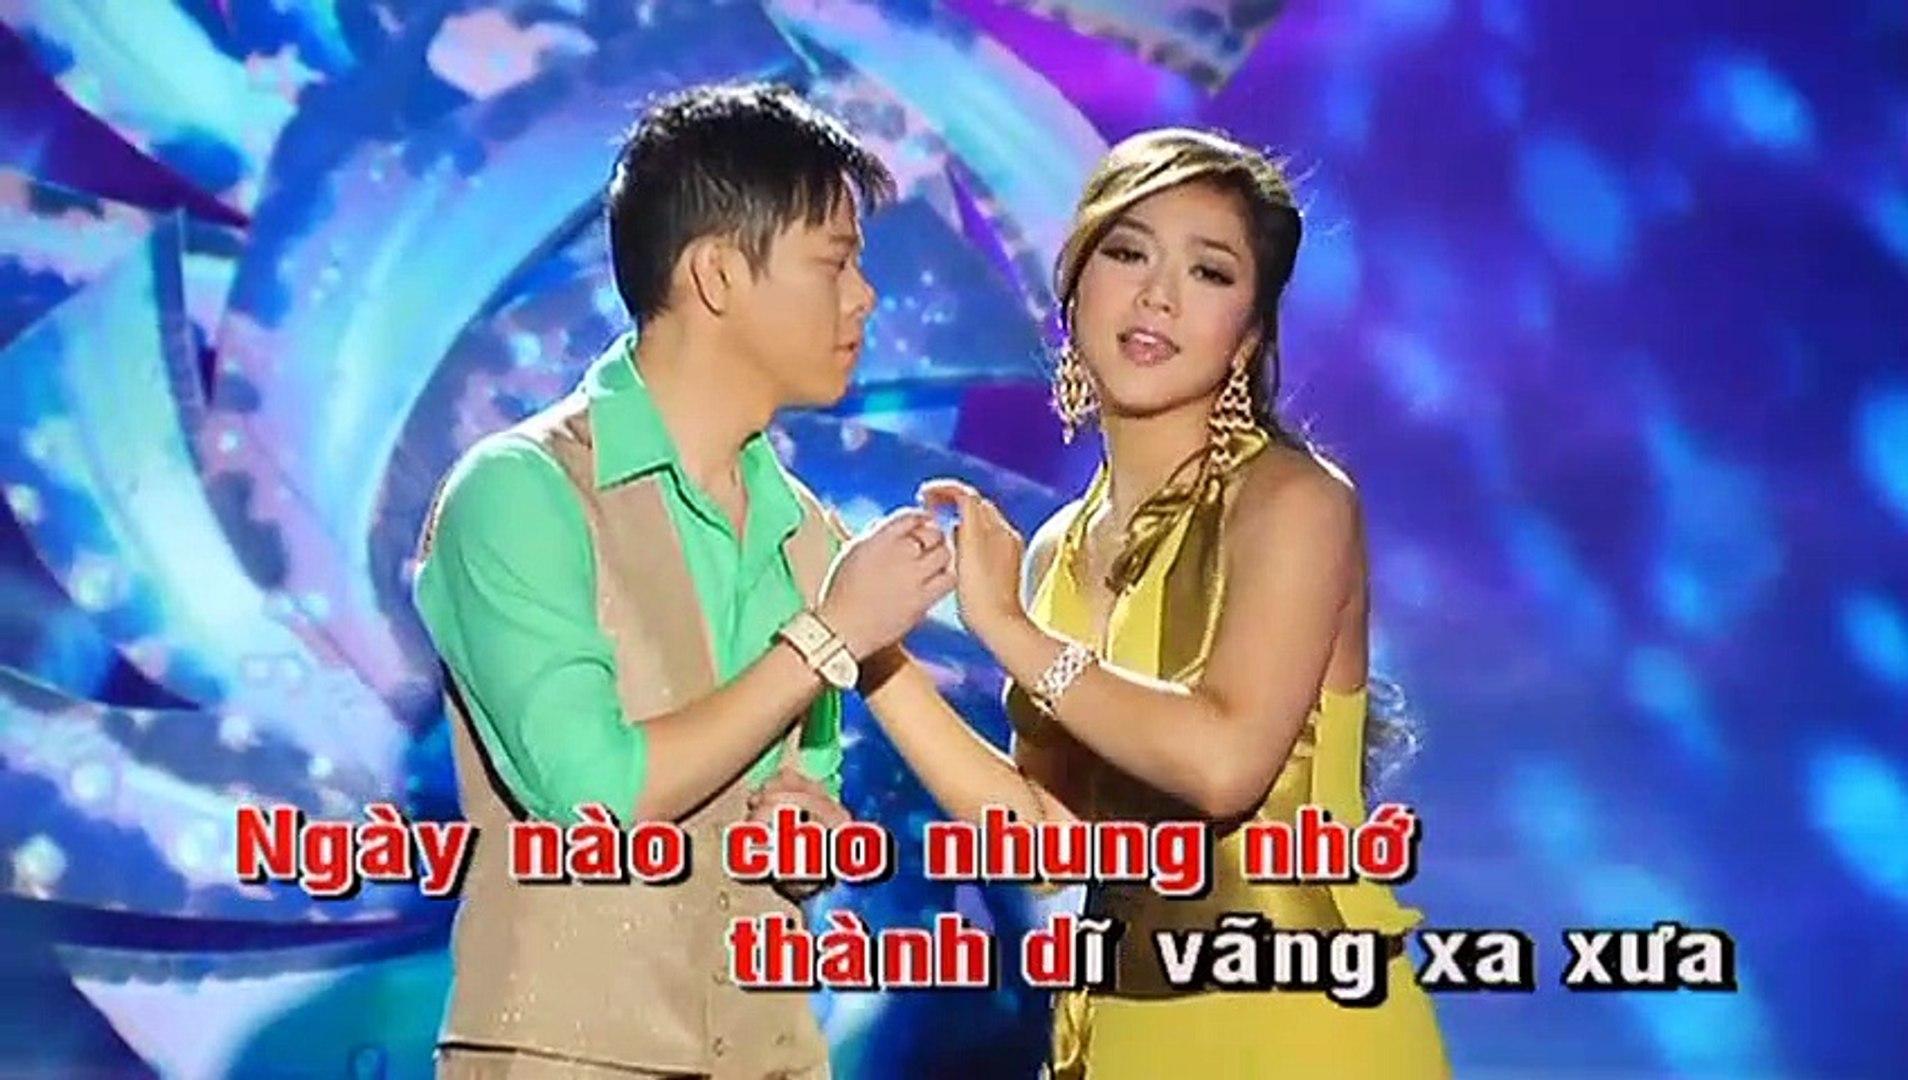 [Karaoke] Hẹn Người Kiếp Sau - Hà Thanh Xuân Ft. Tường Khuê [Beat]